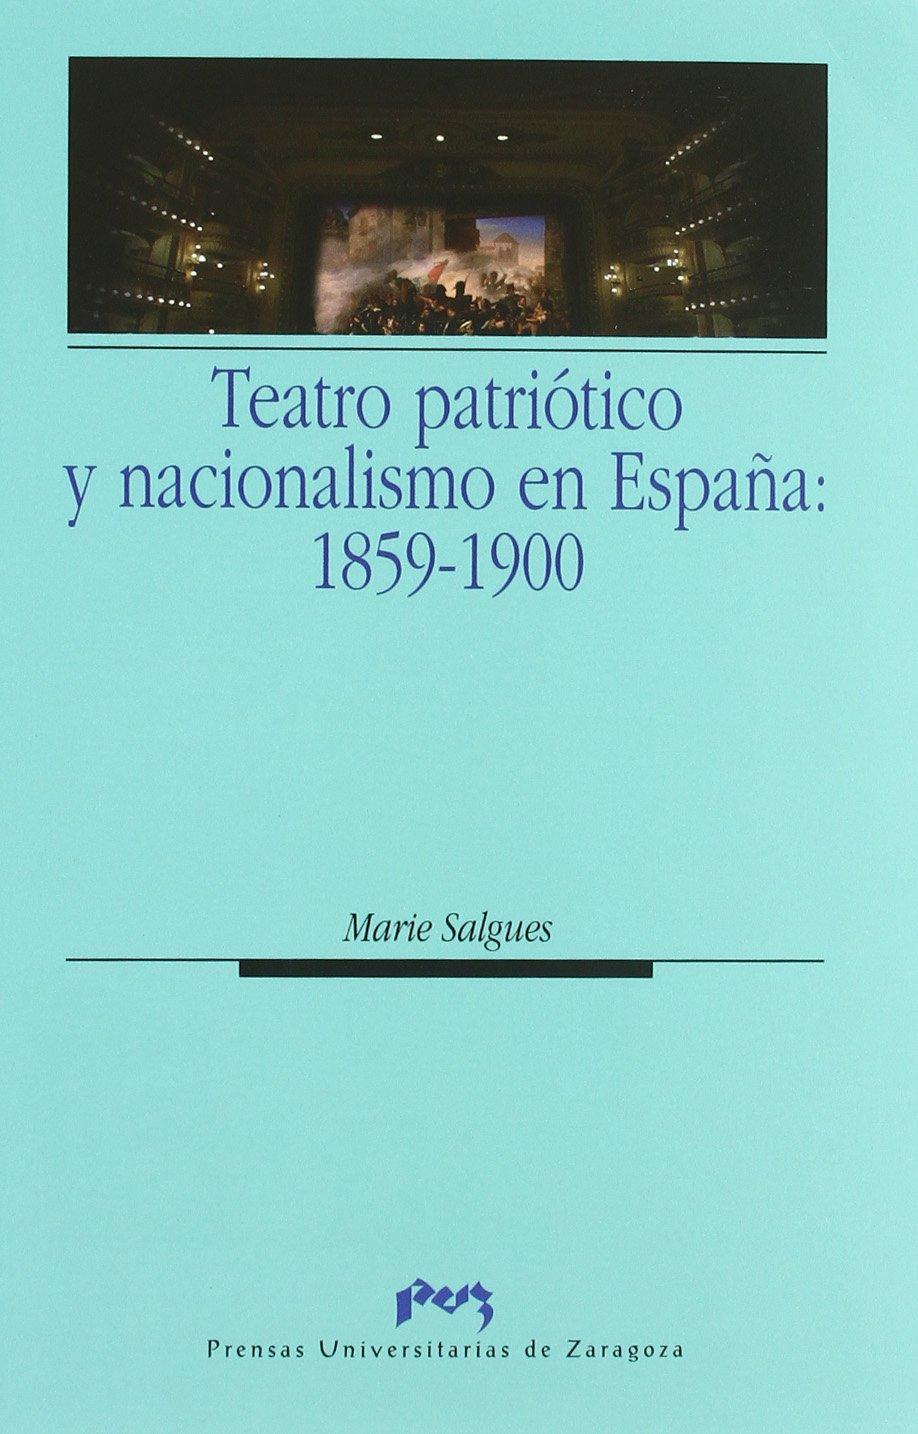 Teatro patriótico y nacionalismo en España: 1859-1900 Ciencias Sociales: Amazon.es: Salgues, Marie: Libros